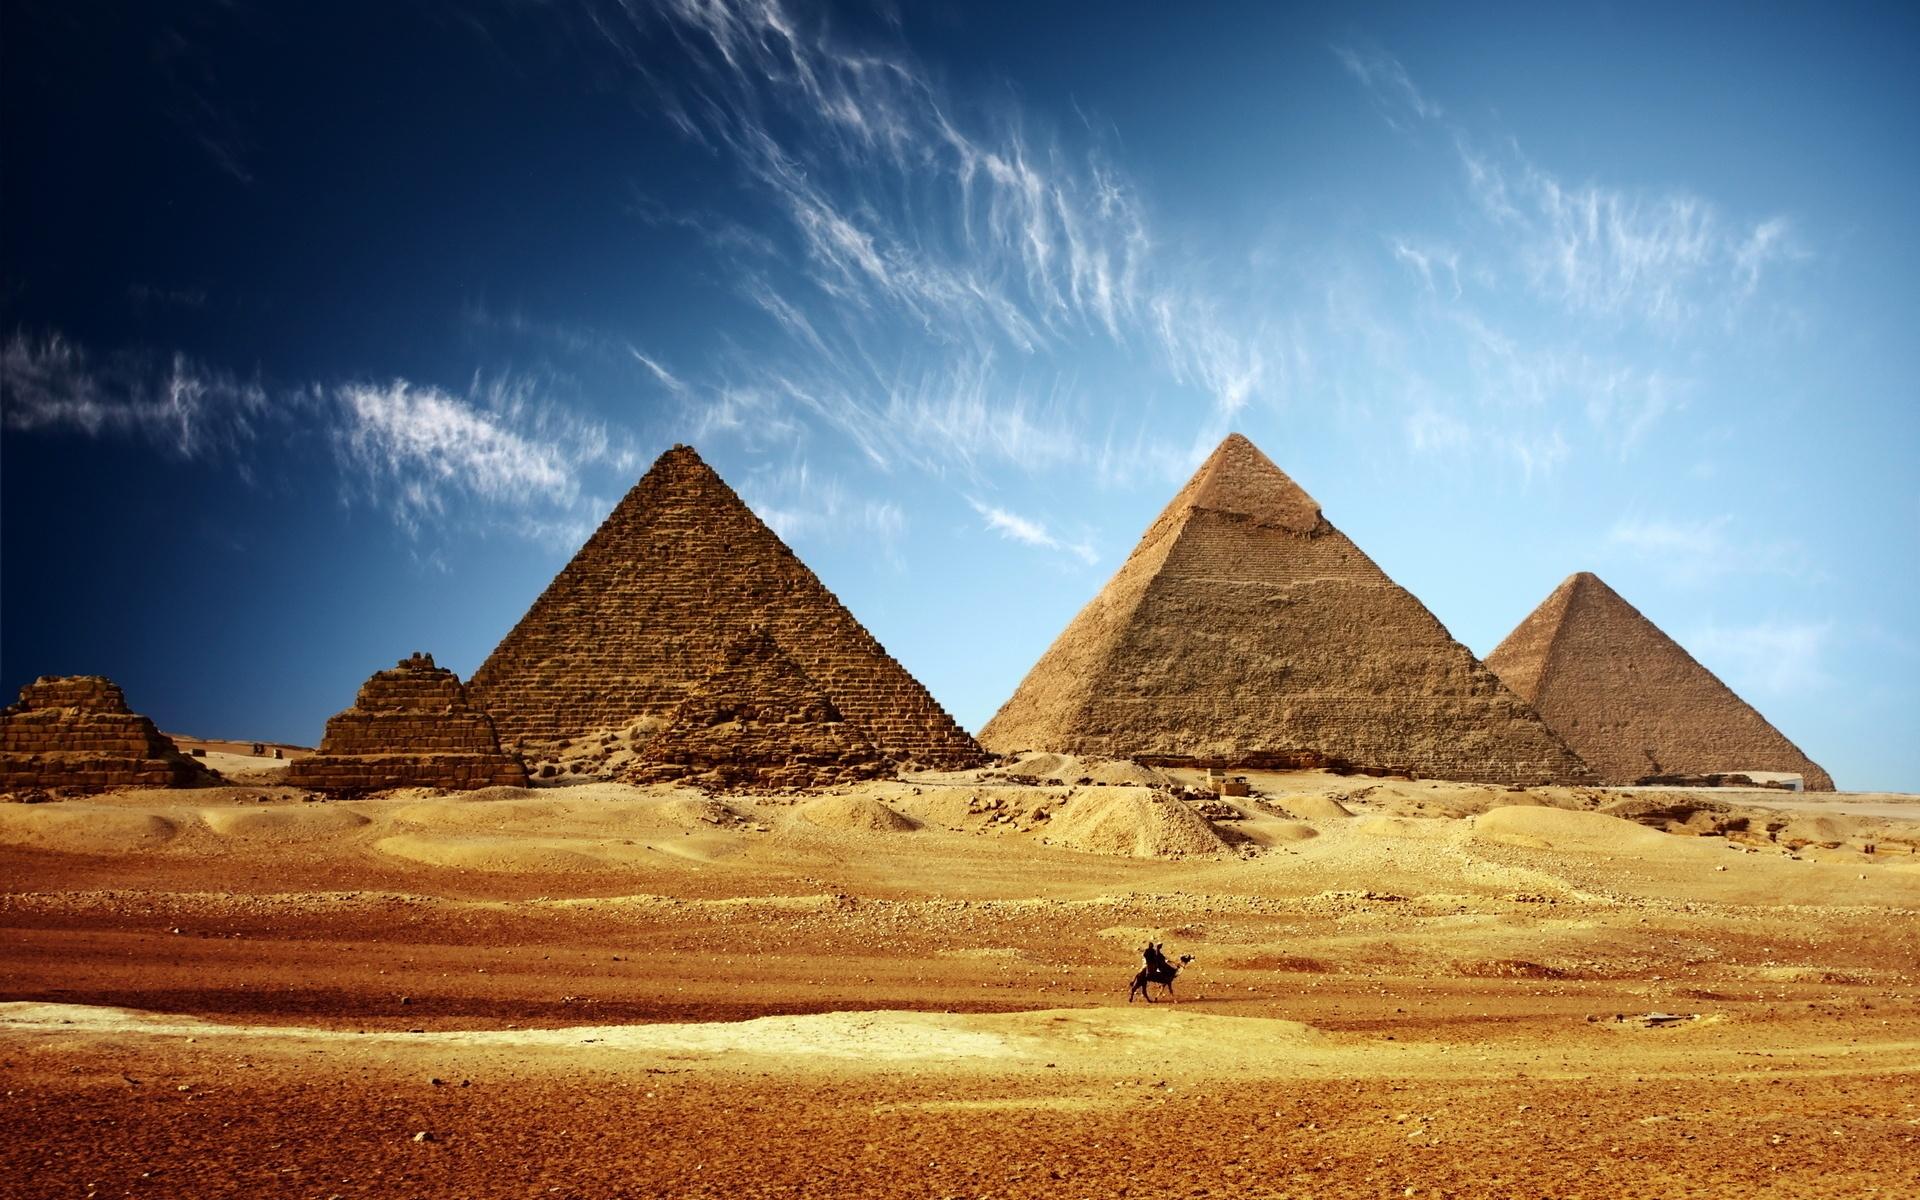 エジプトのピラミッド黄金の砂、青い空 壁紙 - 1920x1200   エジプトのピラミッド黄金